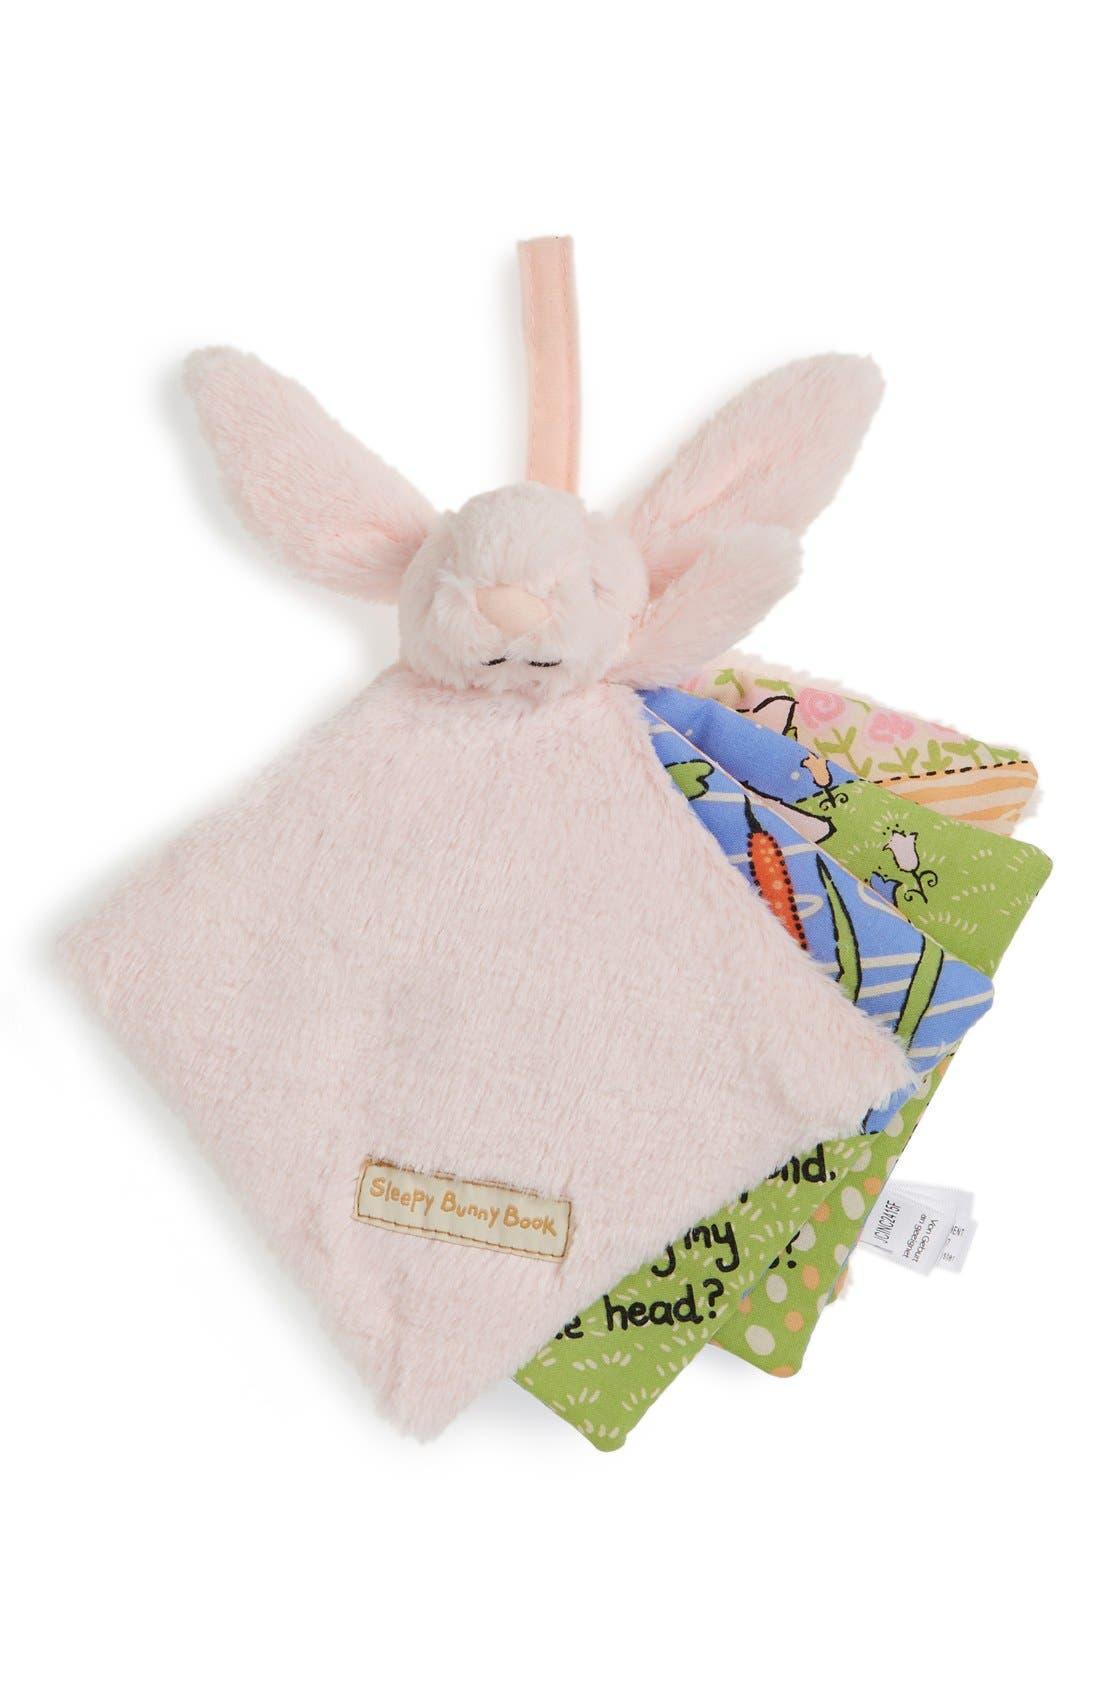 'Sleepy Bunny' Soft Fabric Book,                             Main thumbnail 1, color,                             650